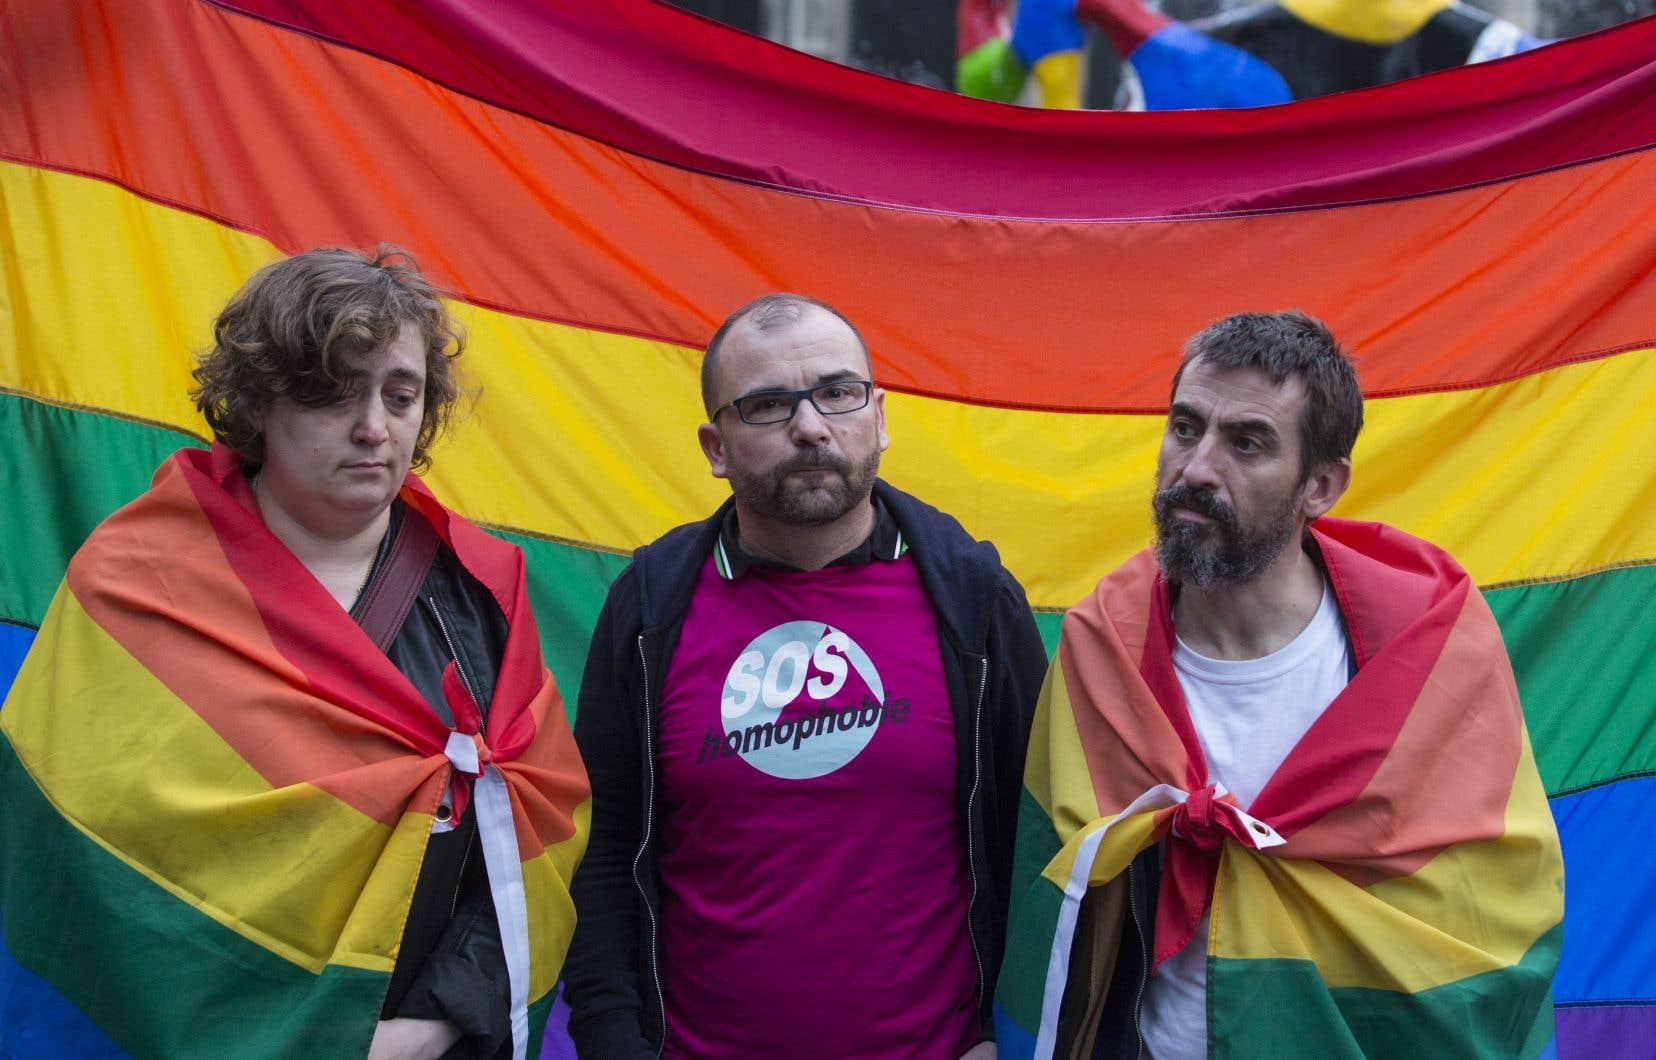 Le nombre d'agressions à caractère transphobe a fait un bond de 54 % en 2017 en France, selon le rapport annuel 2018 de l'association SOS Homophobie.